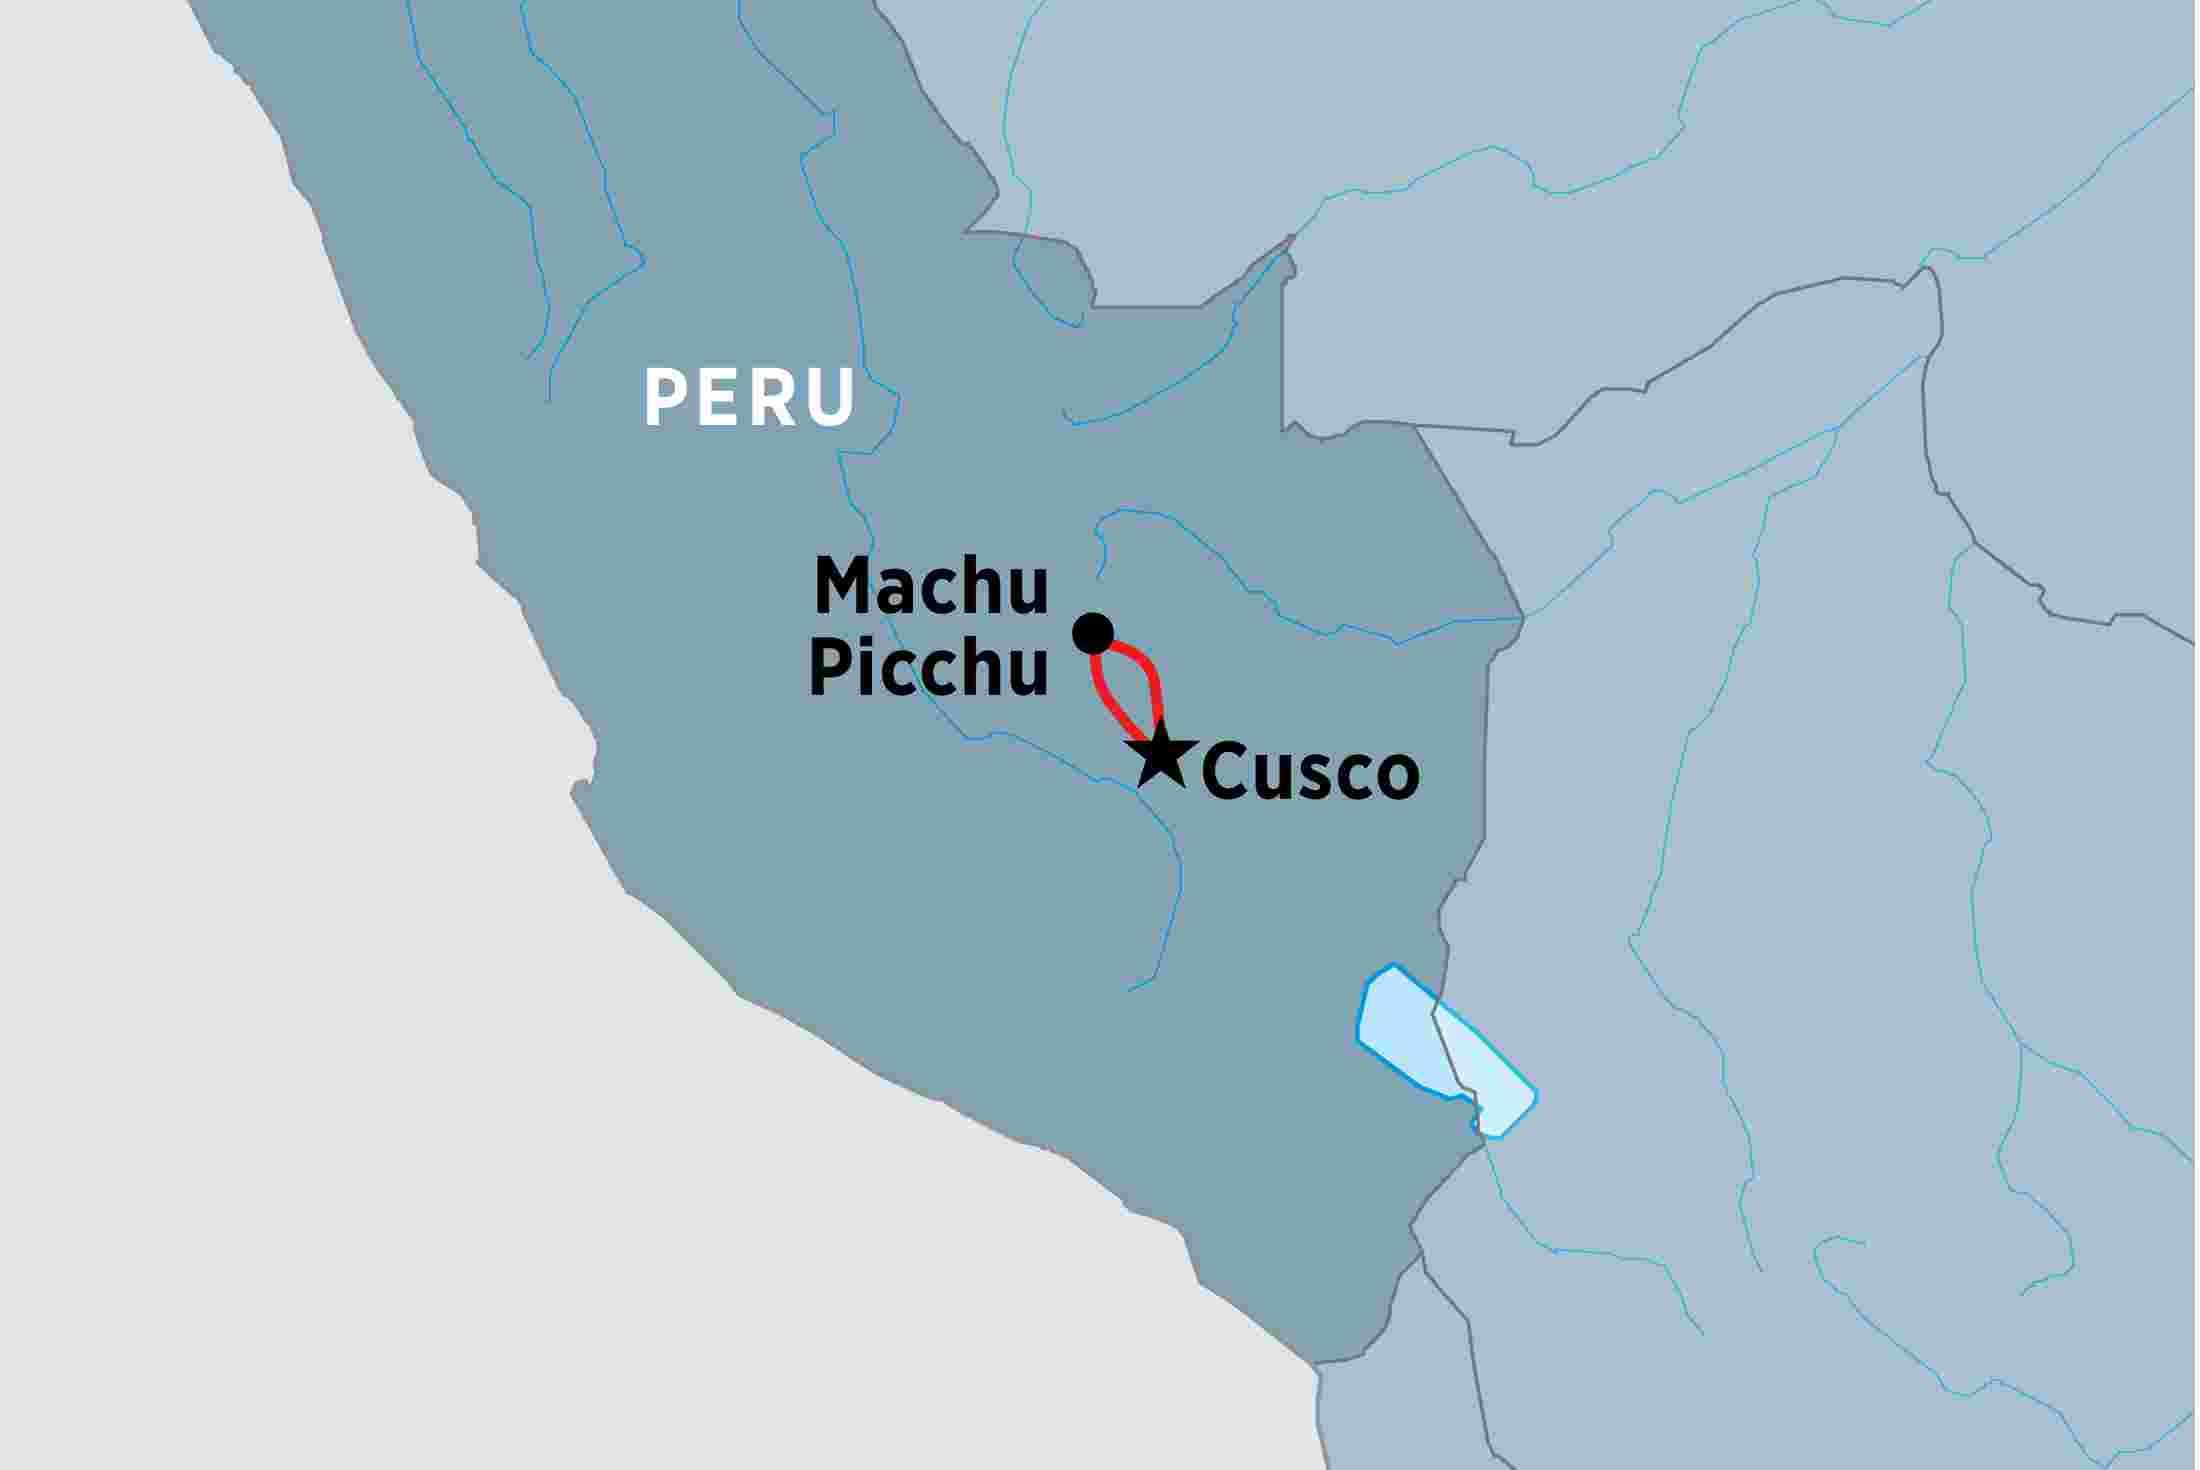 Peru Map Machu Picchu Machu Picchu Experience – Independent | Peregrine Adventures AU